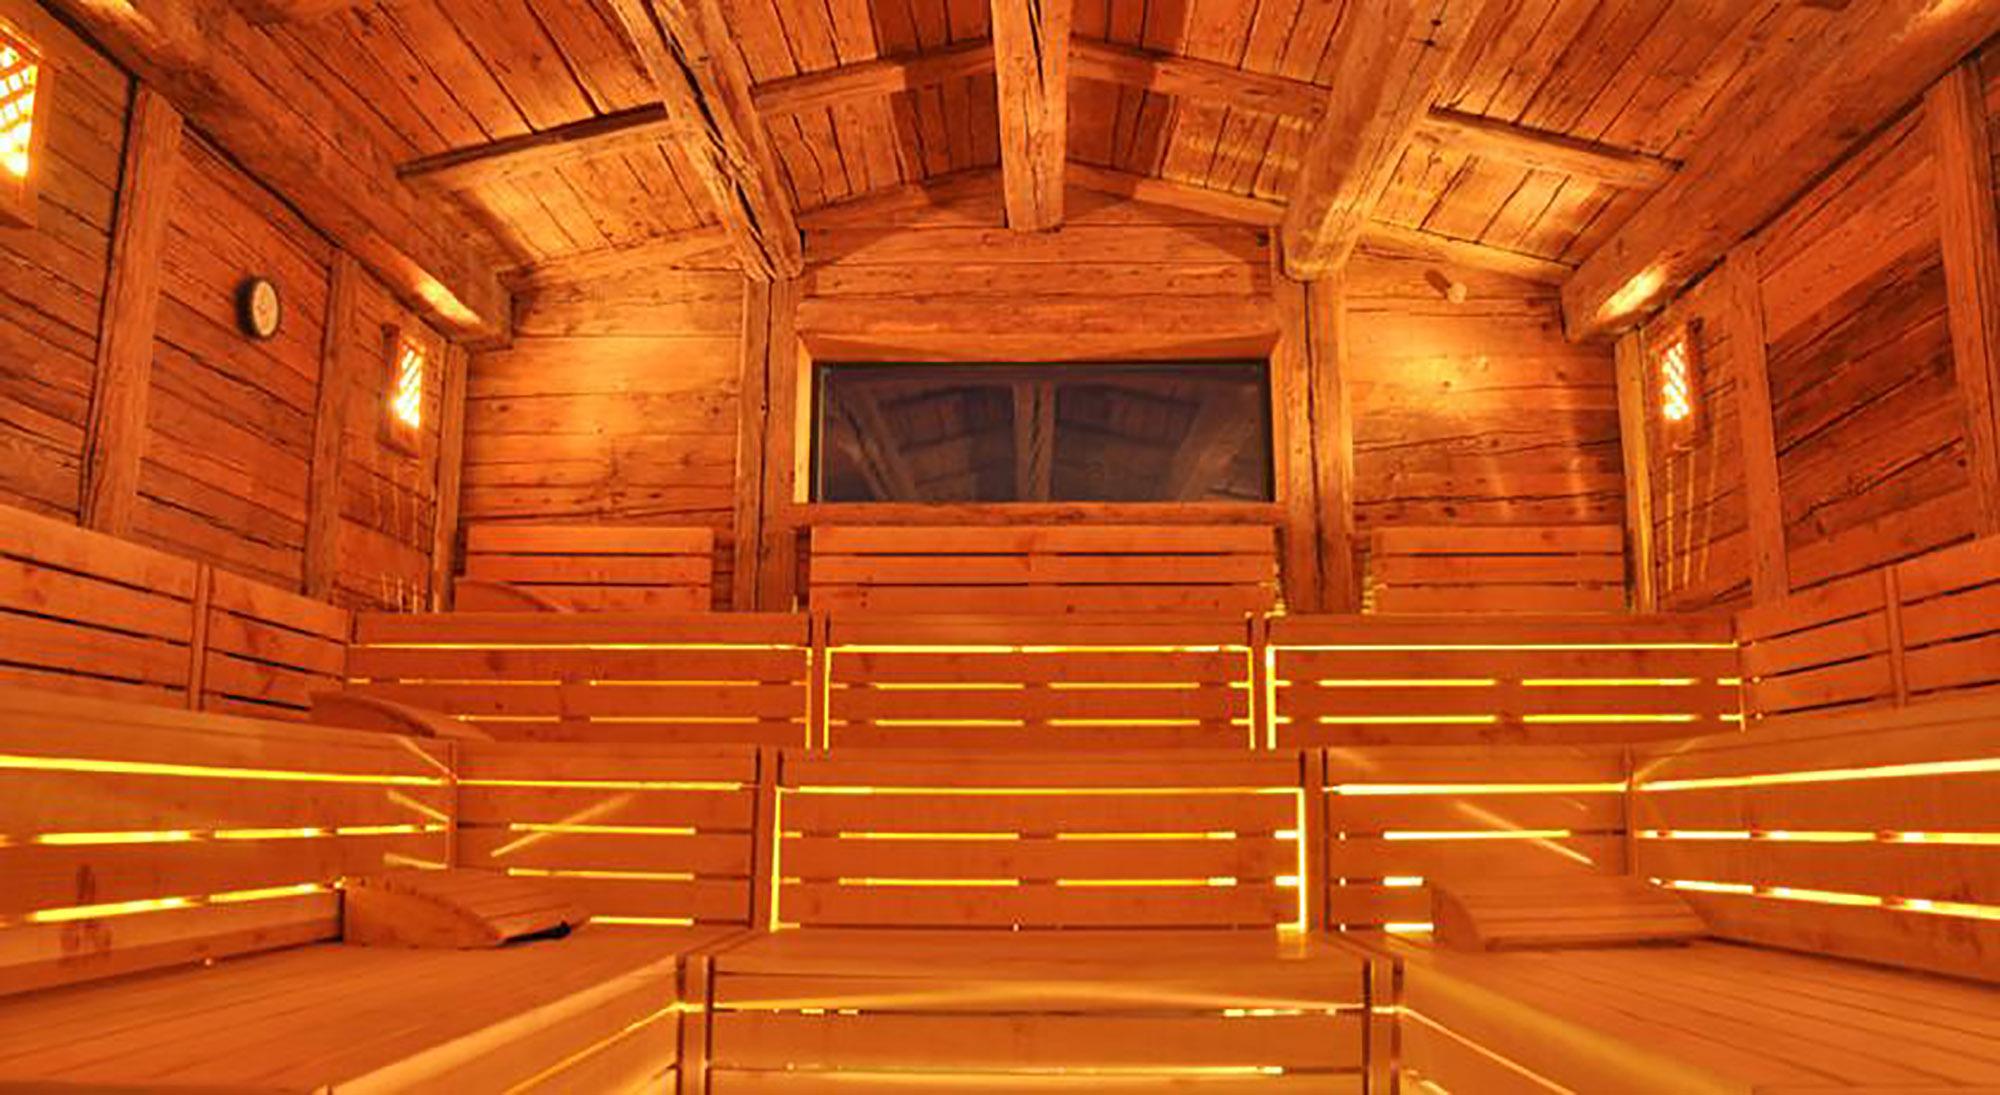 sauna quels sont ses bienfaits pour le corps et l 39 esprit. Black Bedroom Furniture Sets. Home Design Ideas